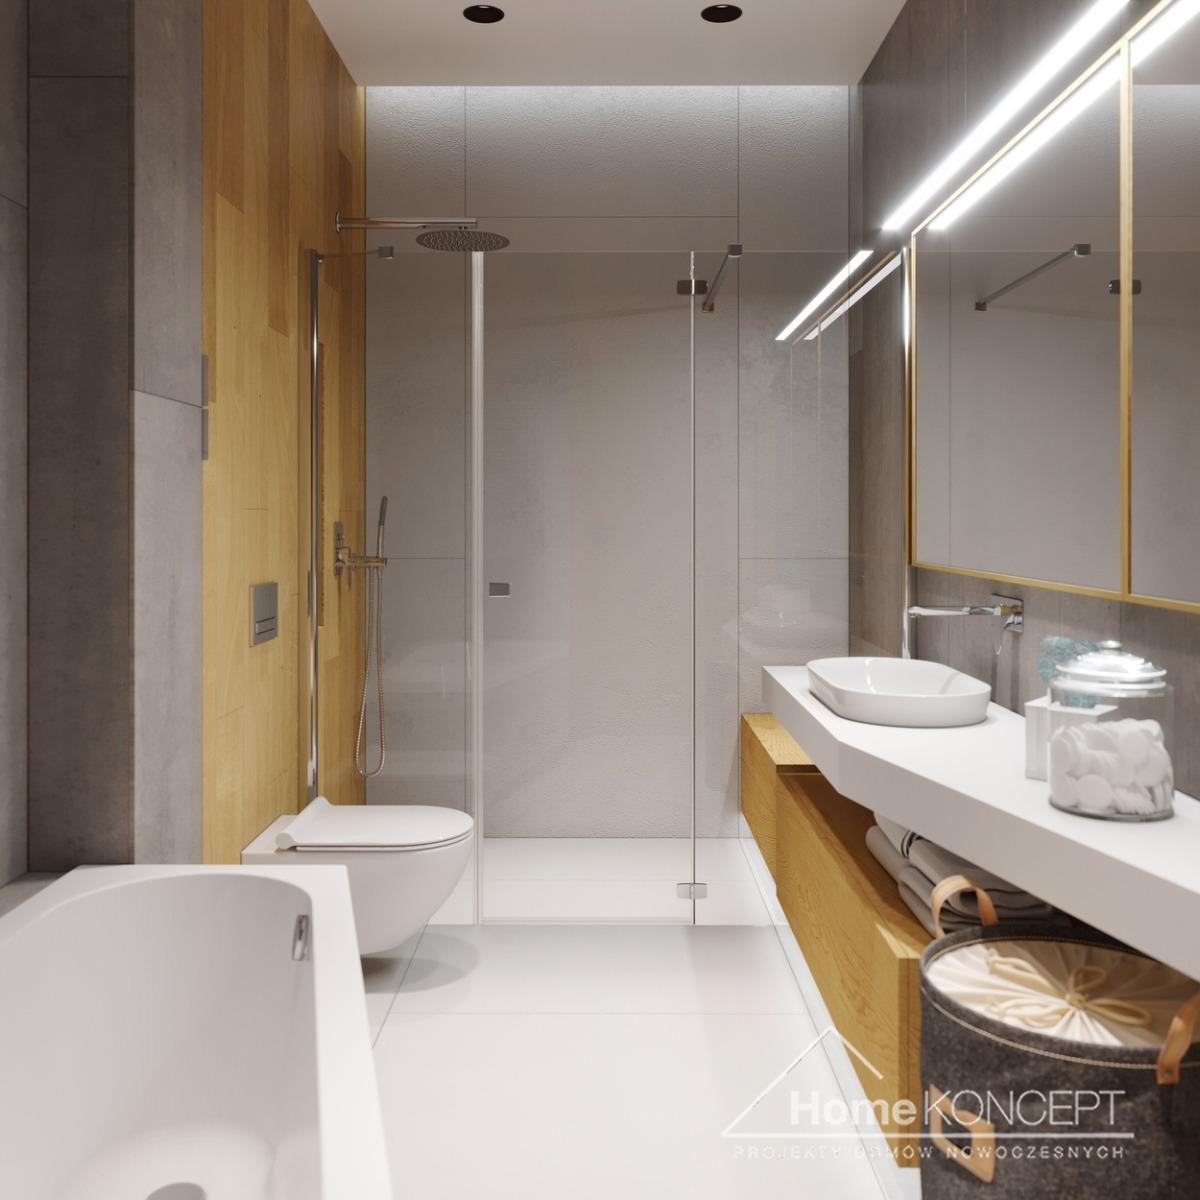 Łazienka HK45 szarość biel i drewno